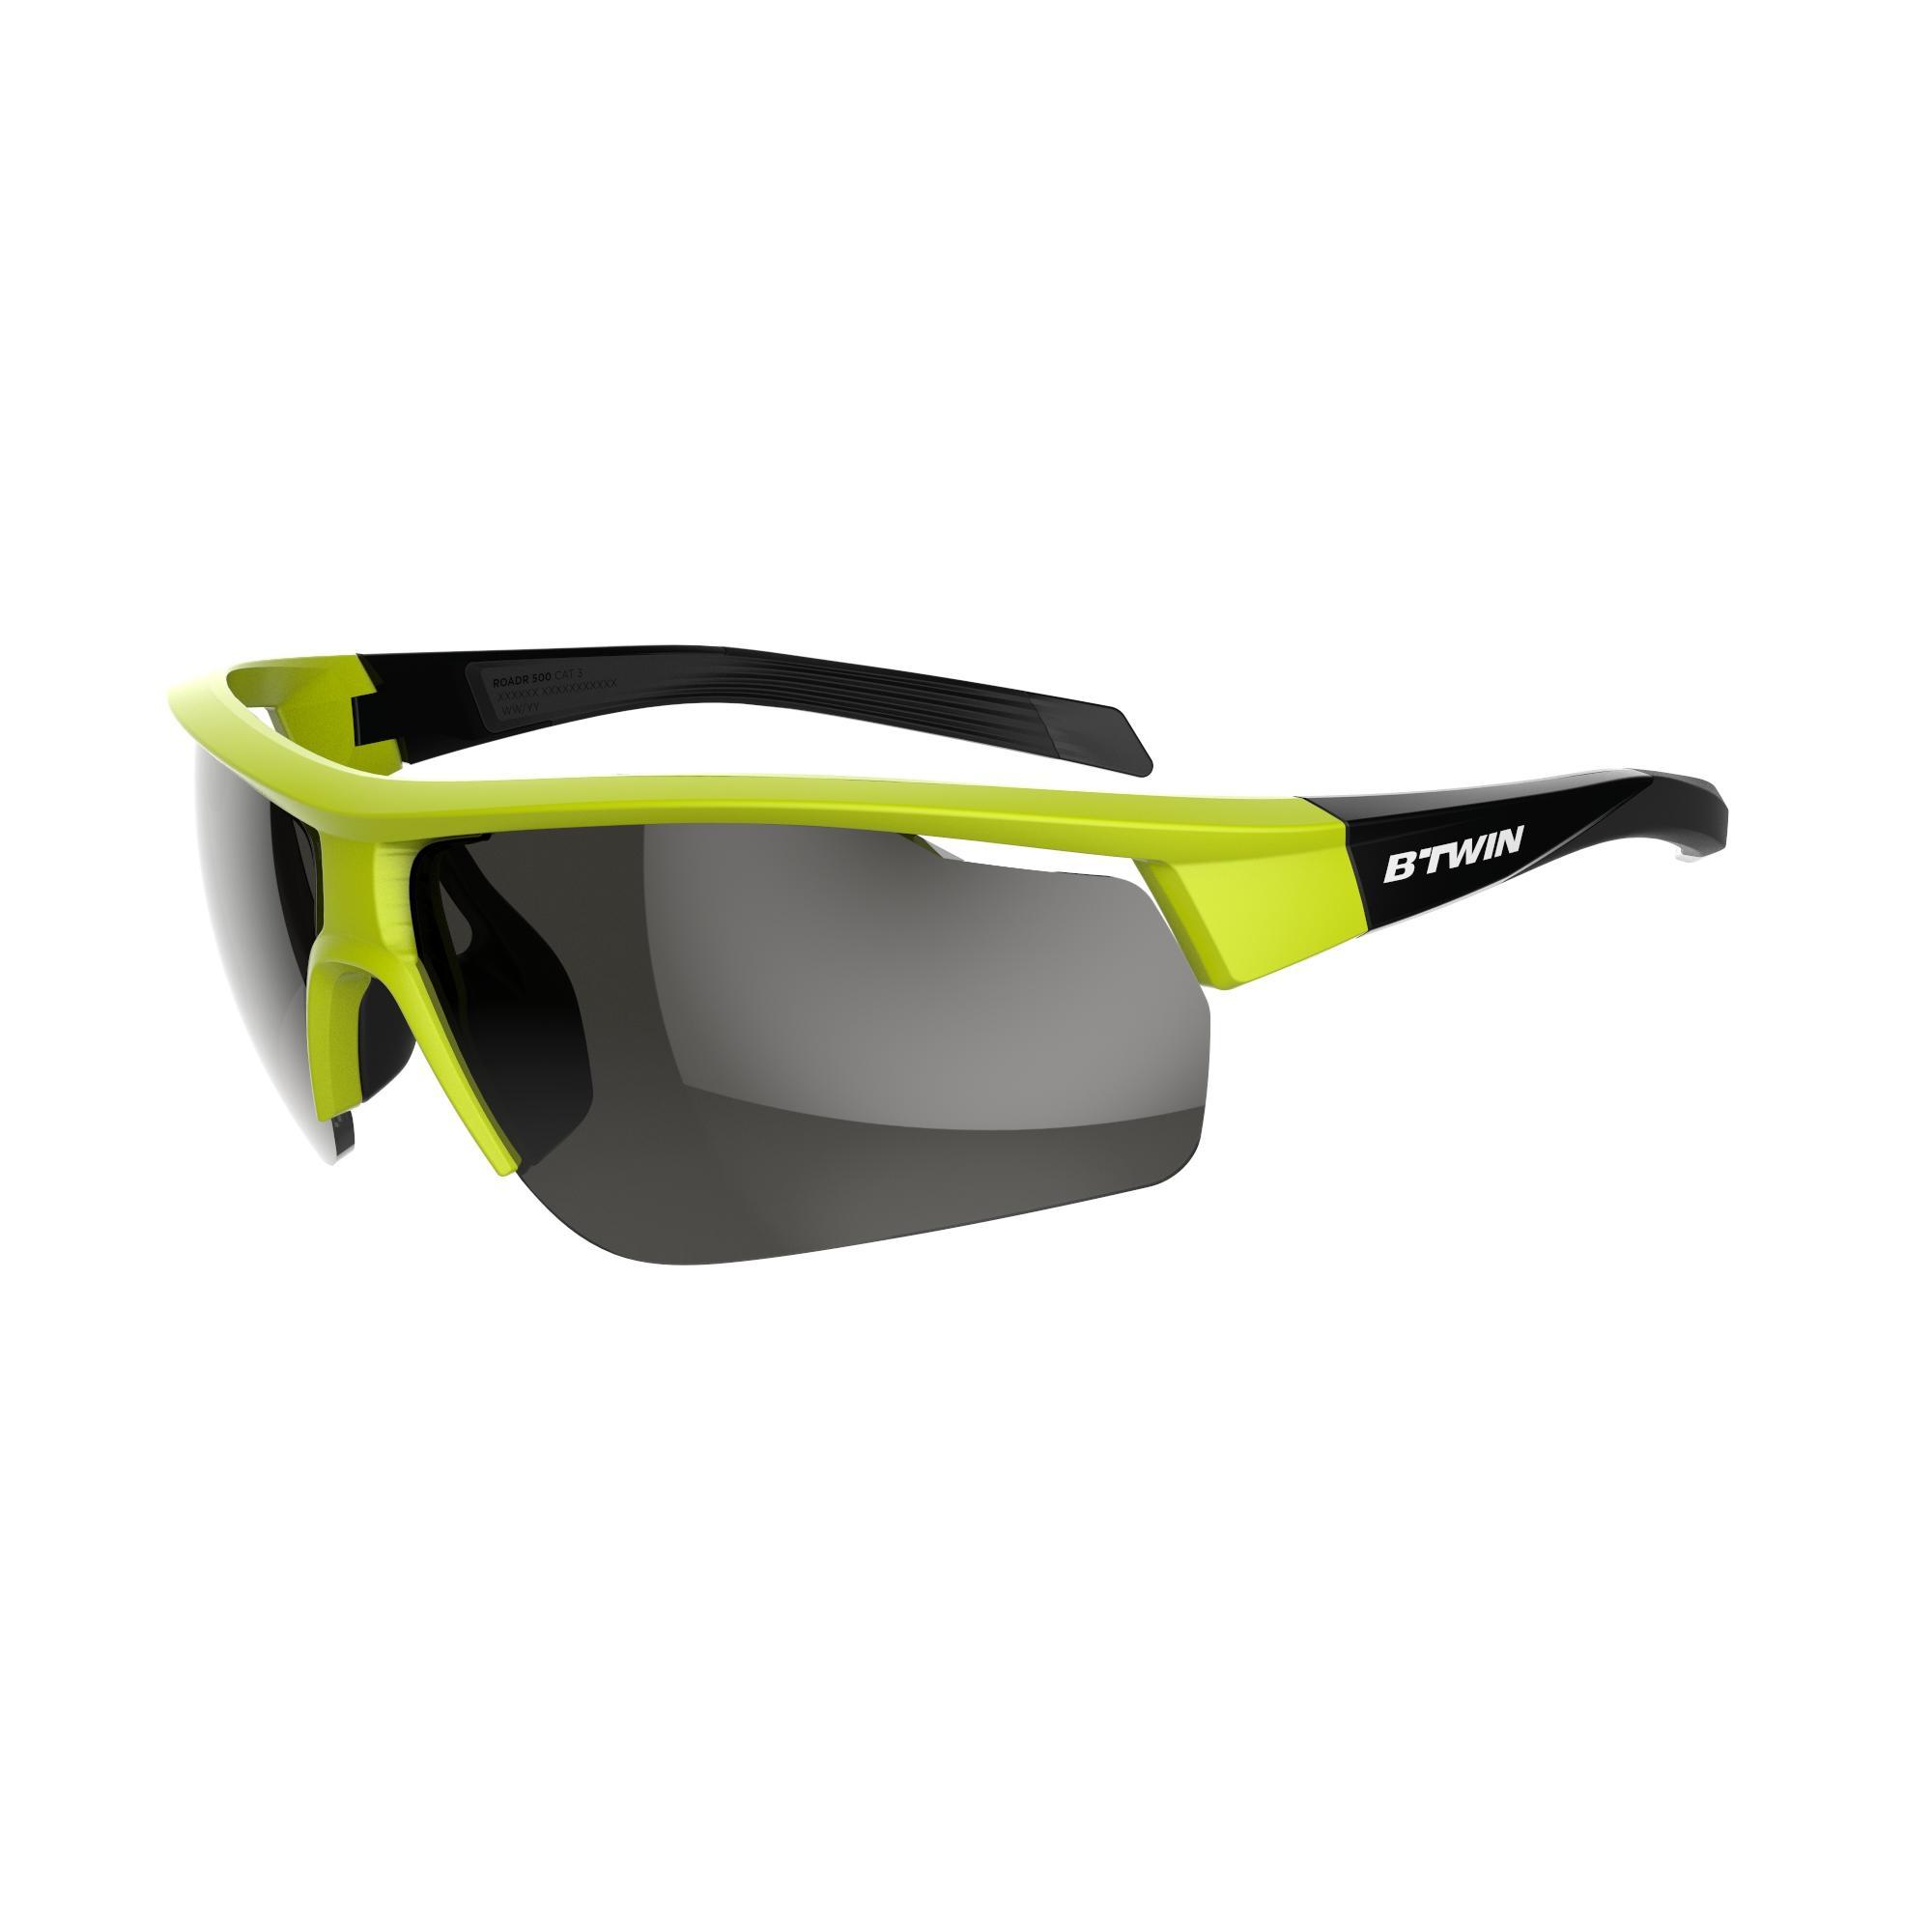 Orao Fietsbril volwassenen Roadr 500 categorie 3 geel/groen fluo